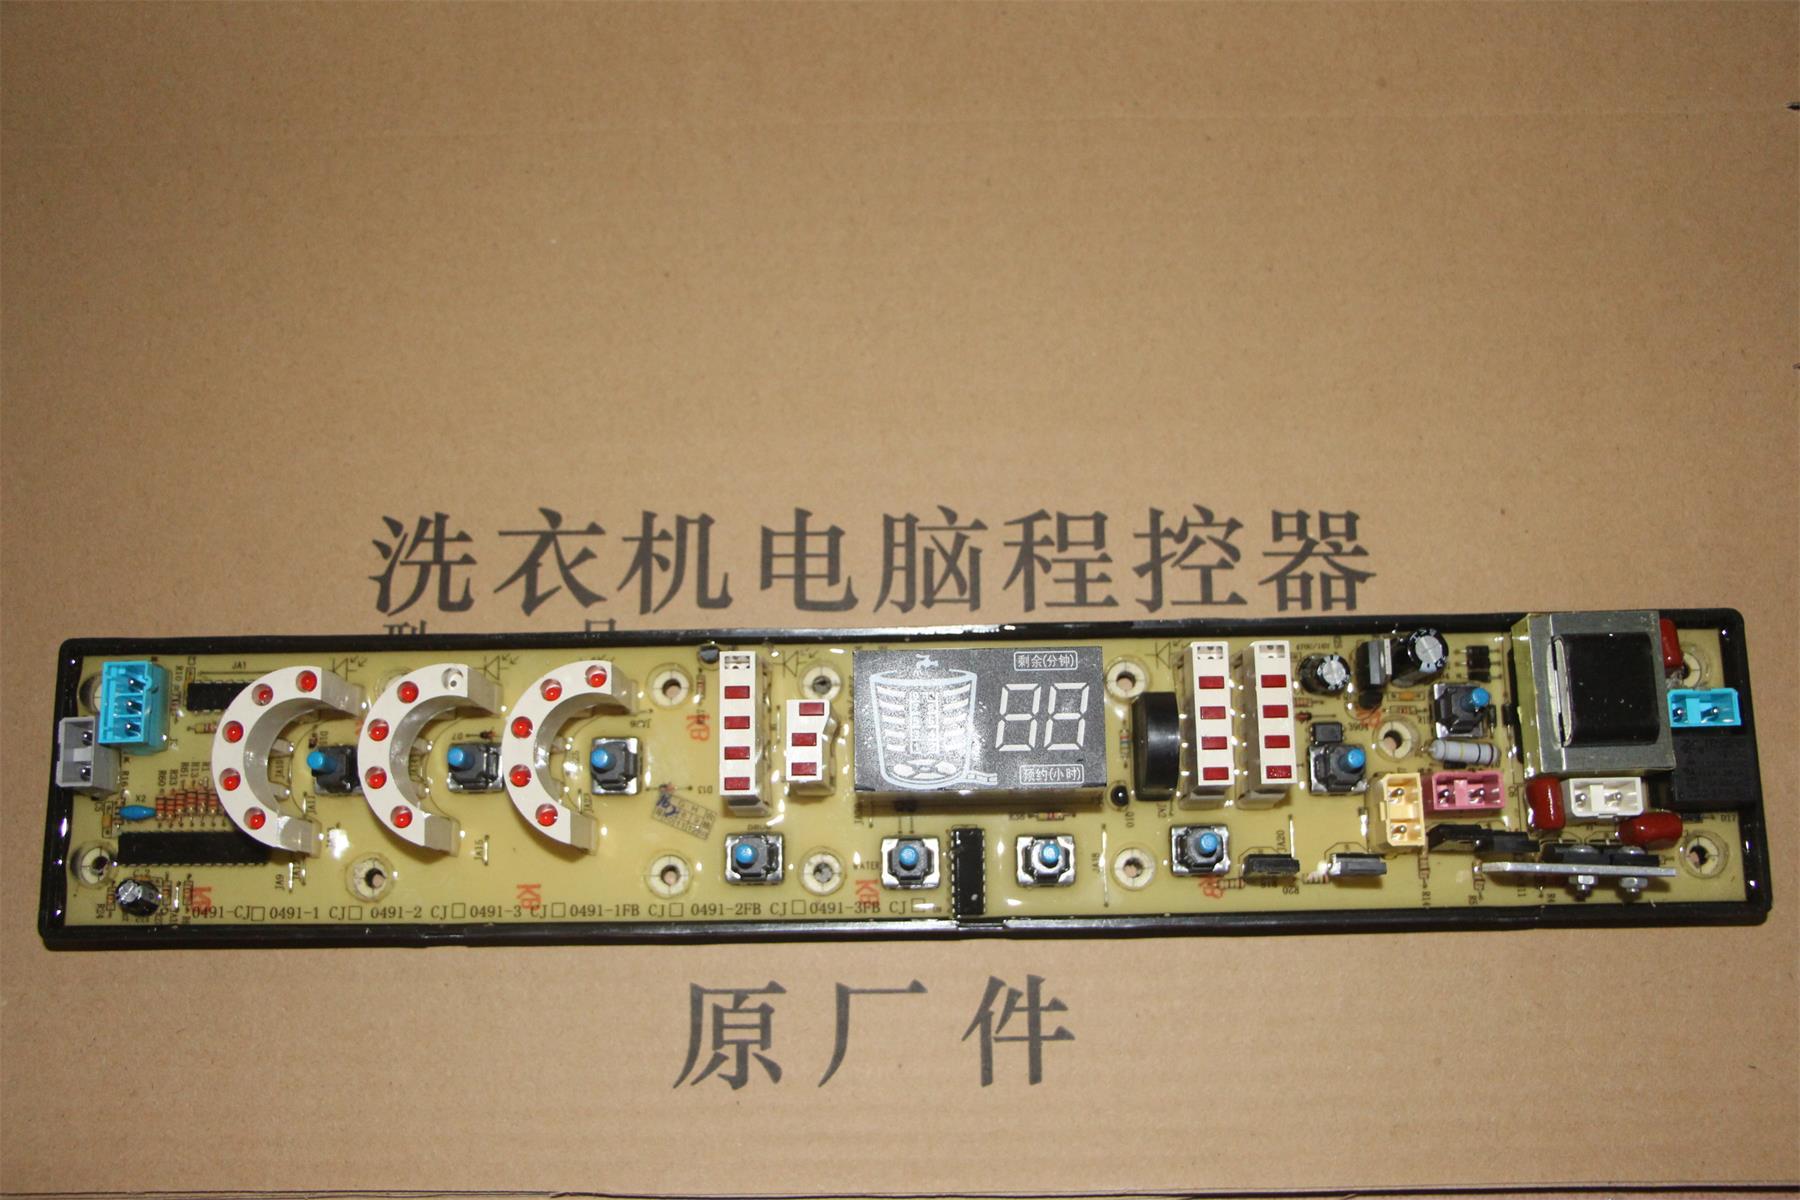 小天鹅全自动洗衣机电脑版 洗衣机主板 配件TB60-3075G